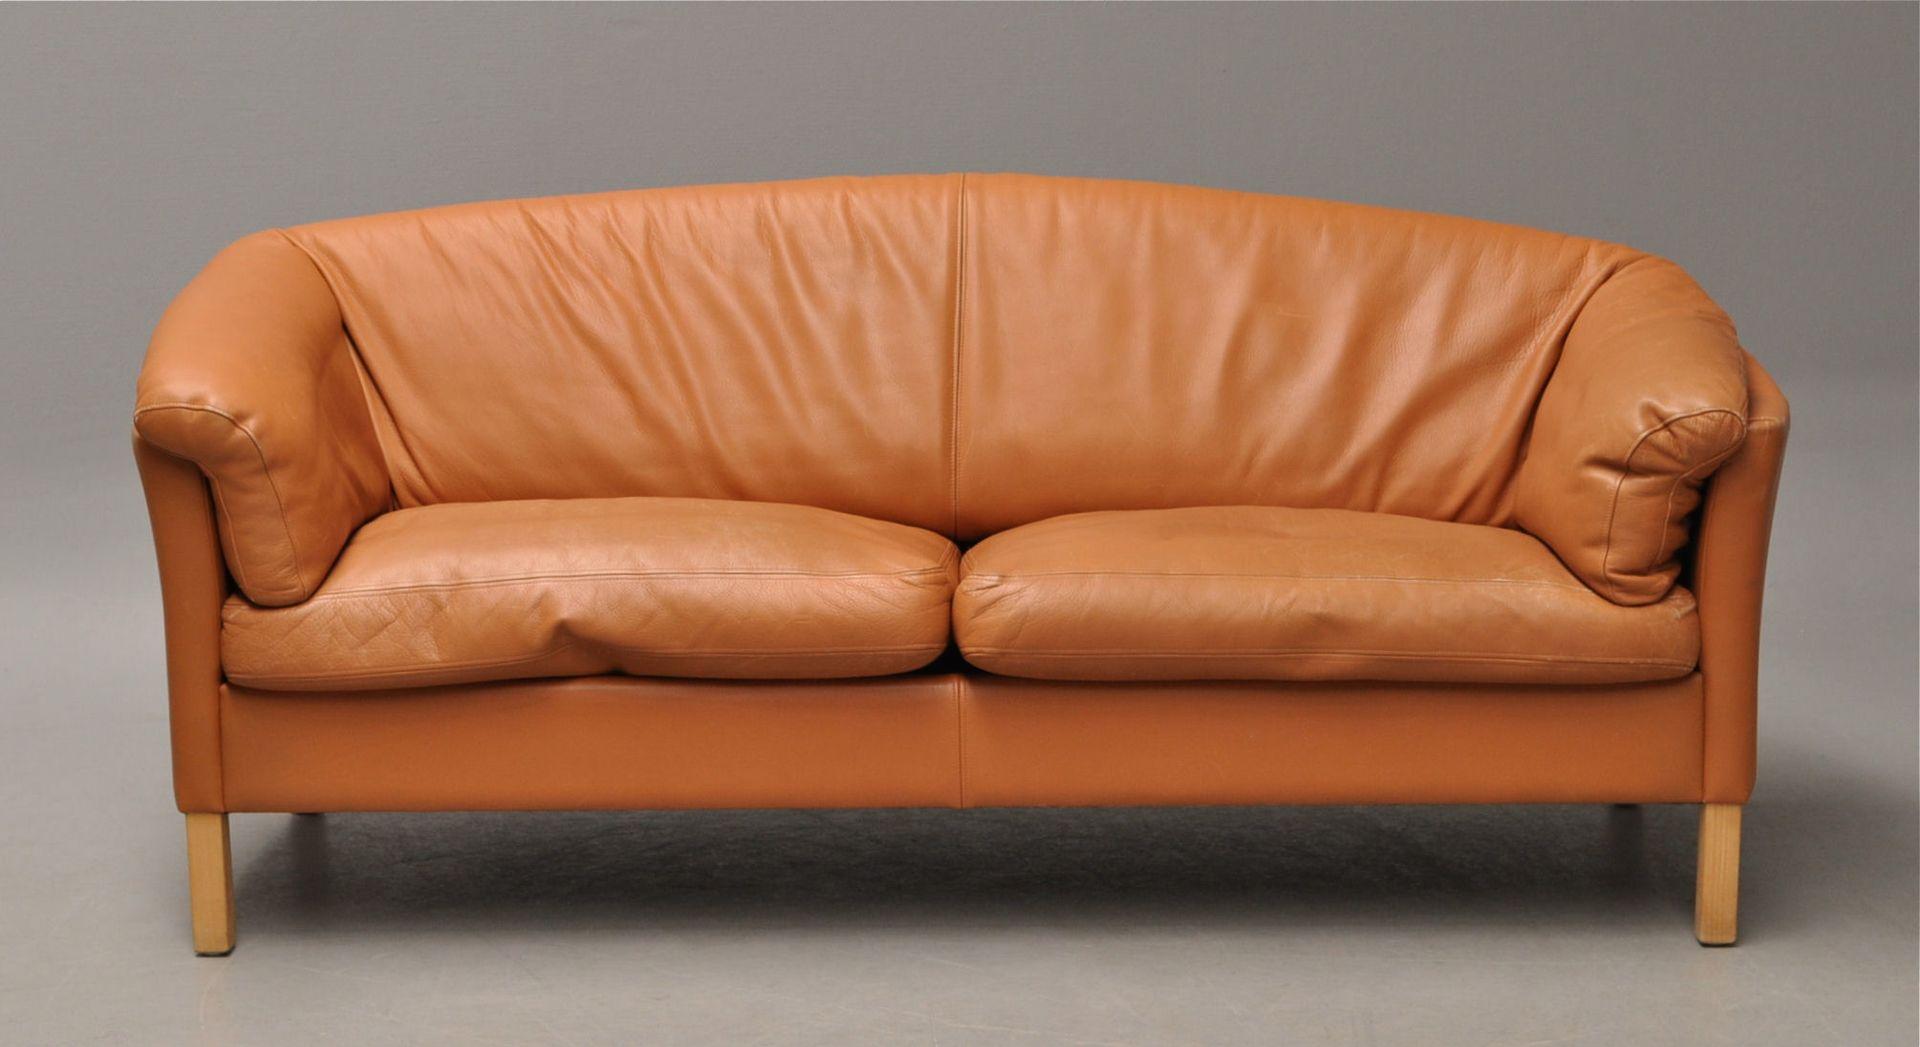 Leder sofa von mogens hansen 1980er bei pamono kaufen for Sofa 80 tief